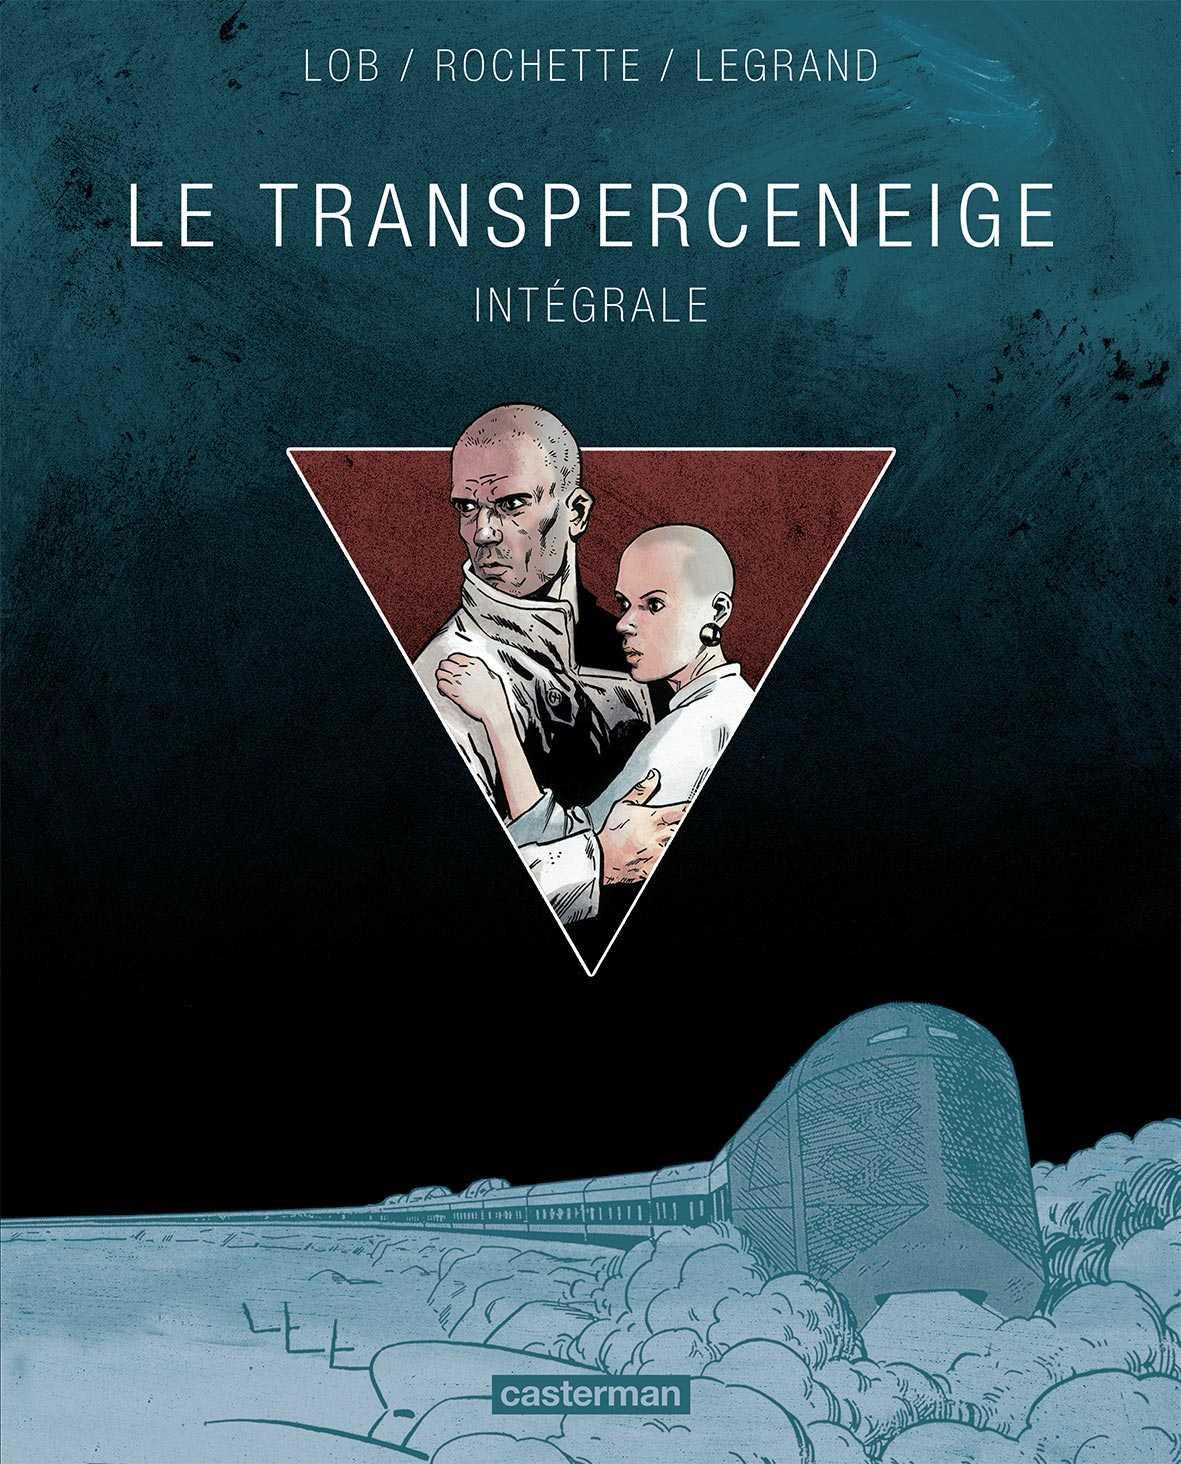 Transperceneige, avant le film, l'intégrale pour redécouvrir un chef d'œuvre